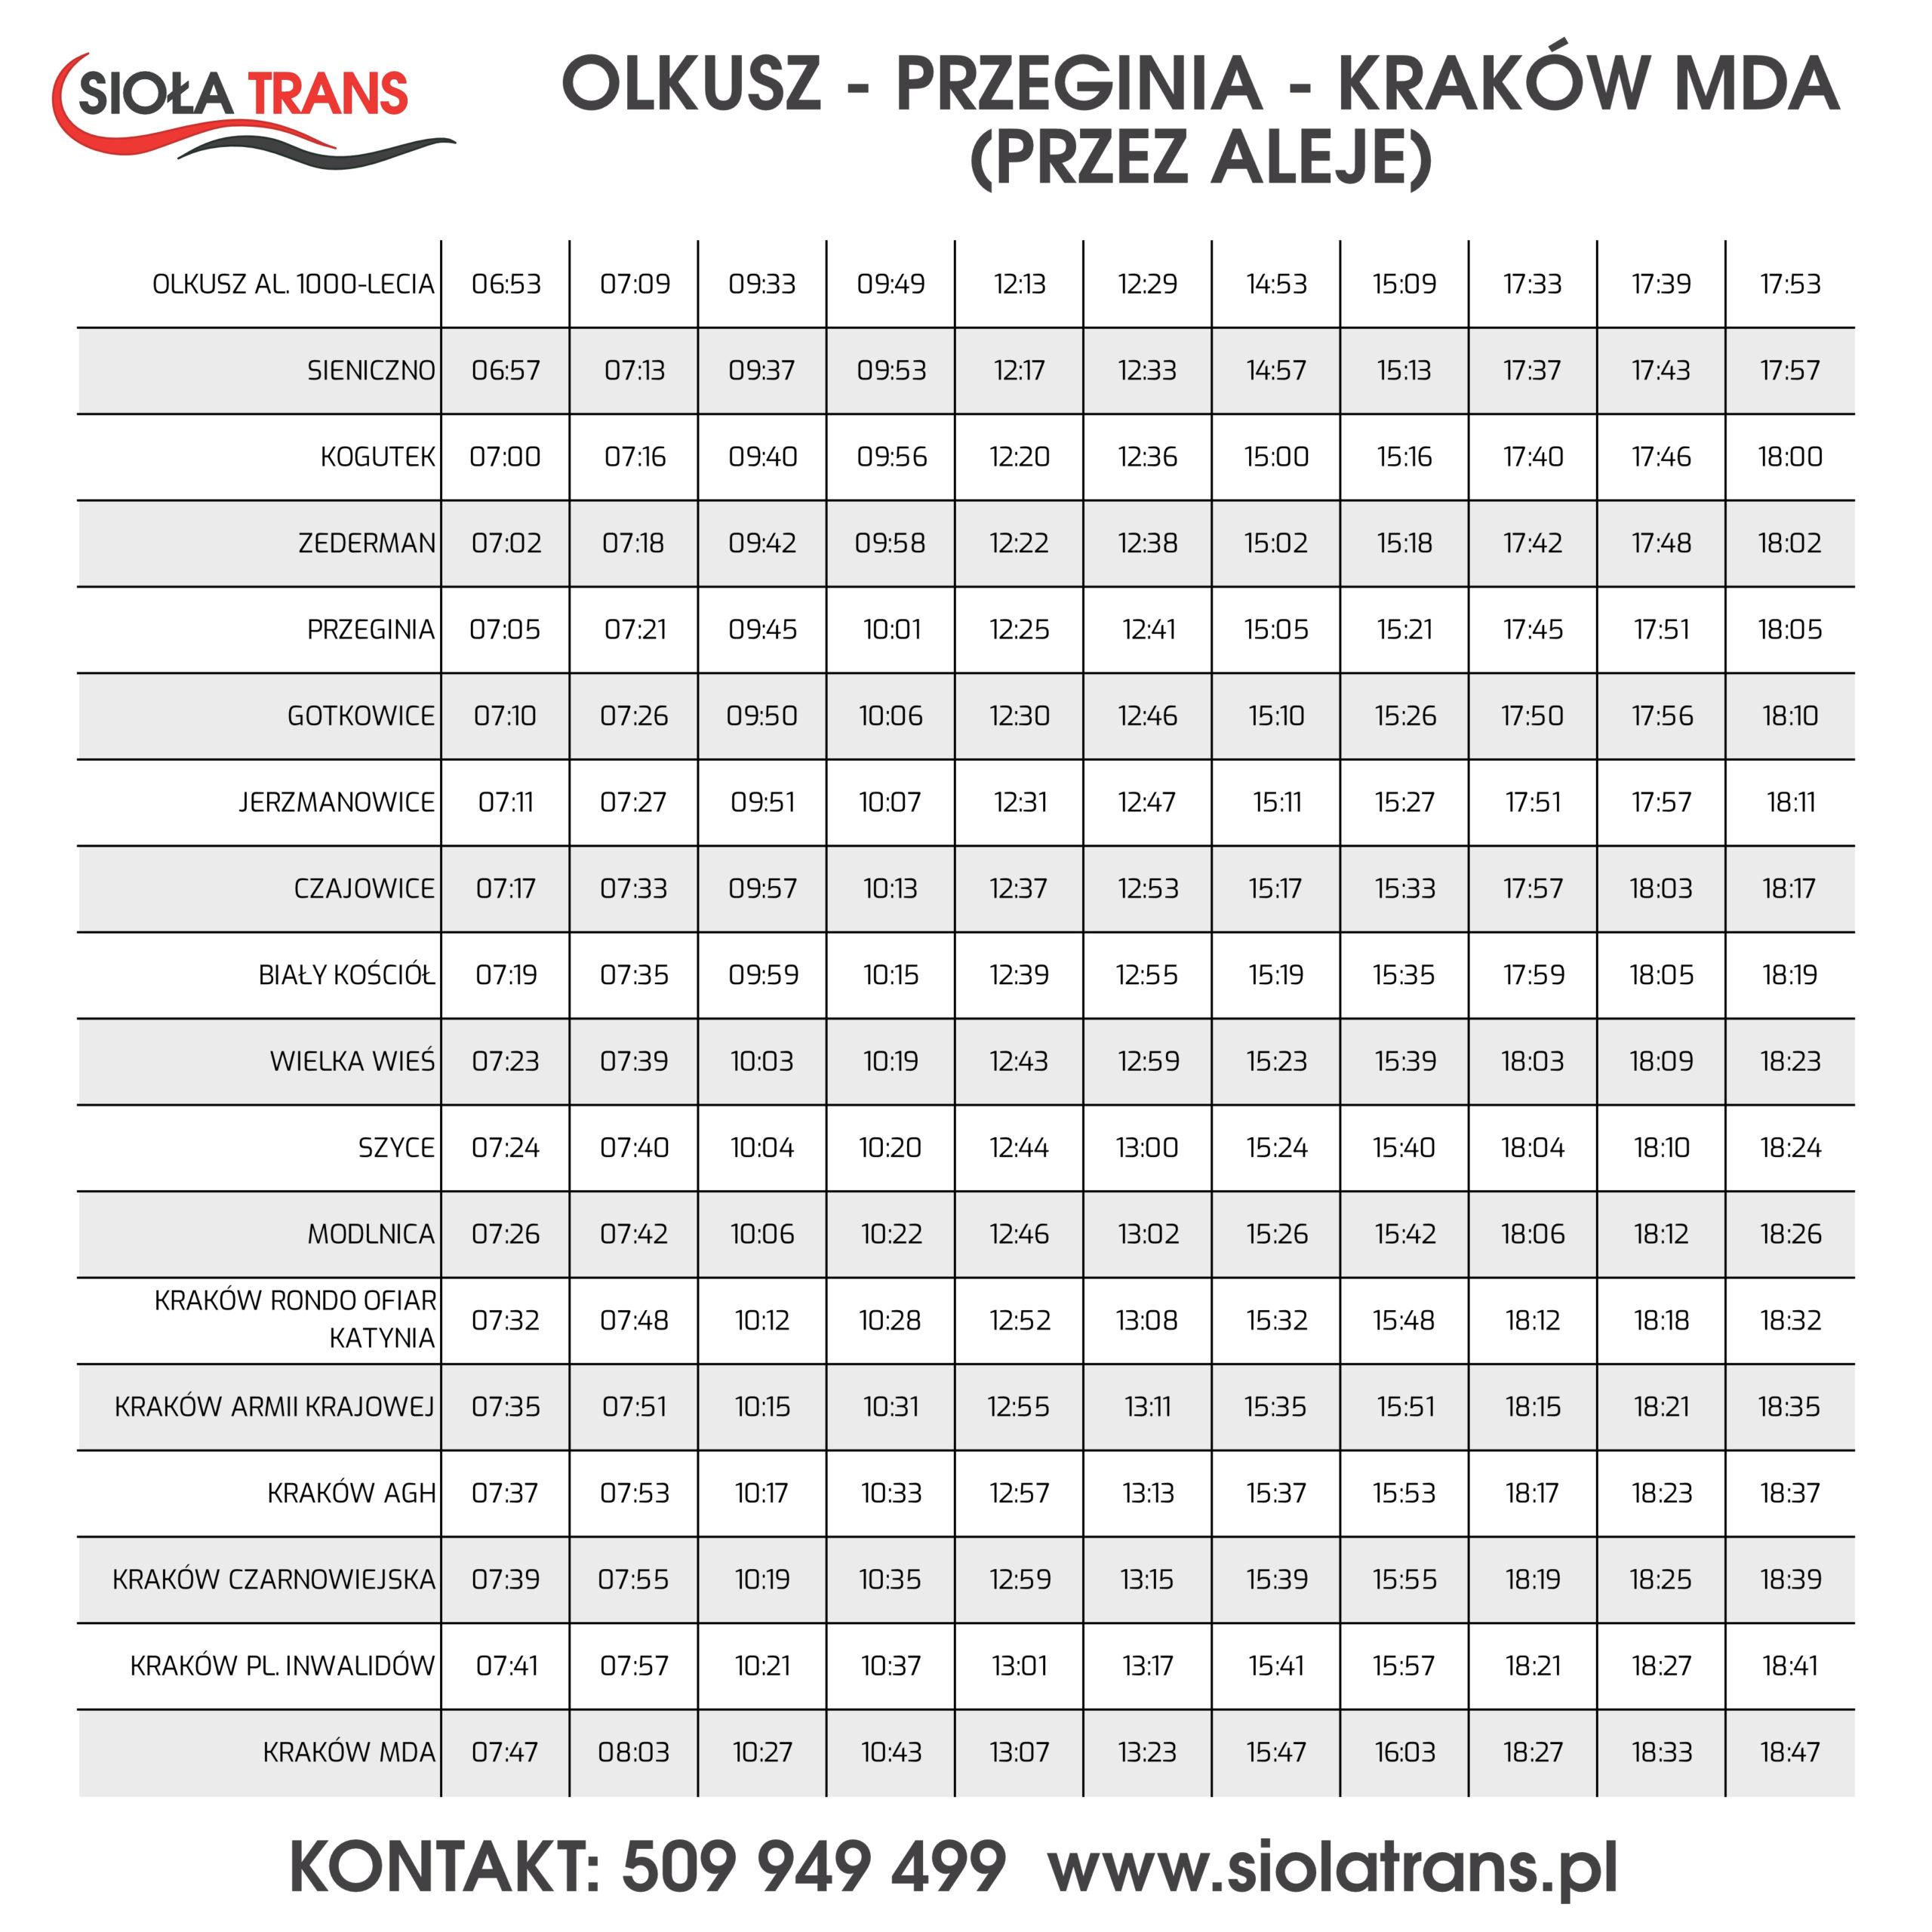 siola_trans_olkusz_krakow_przez_aleje